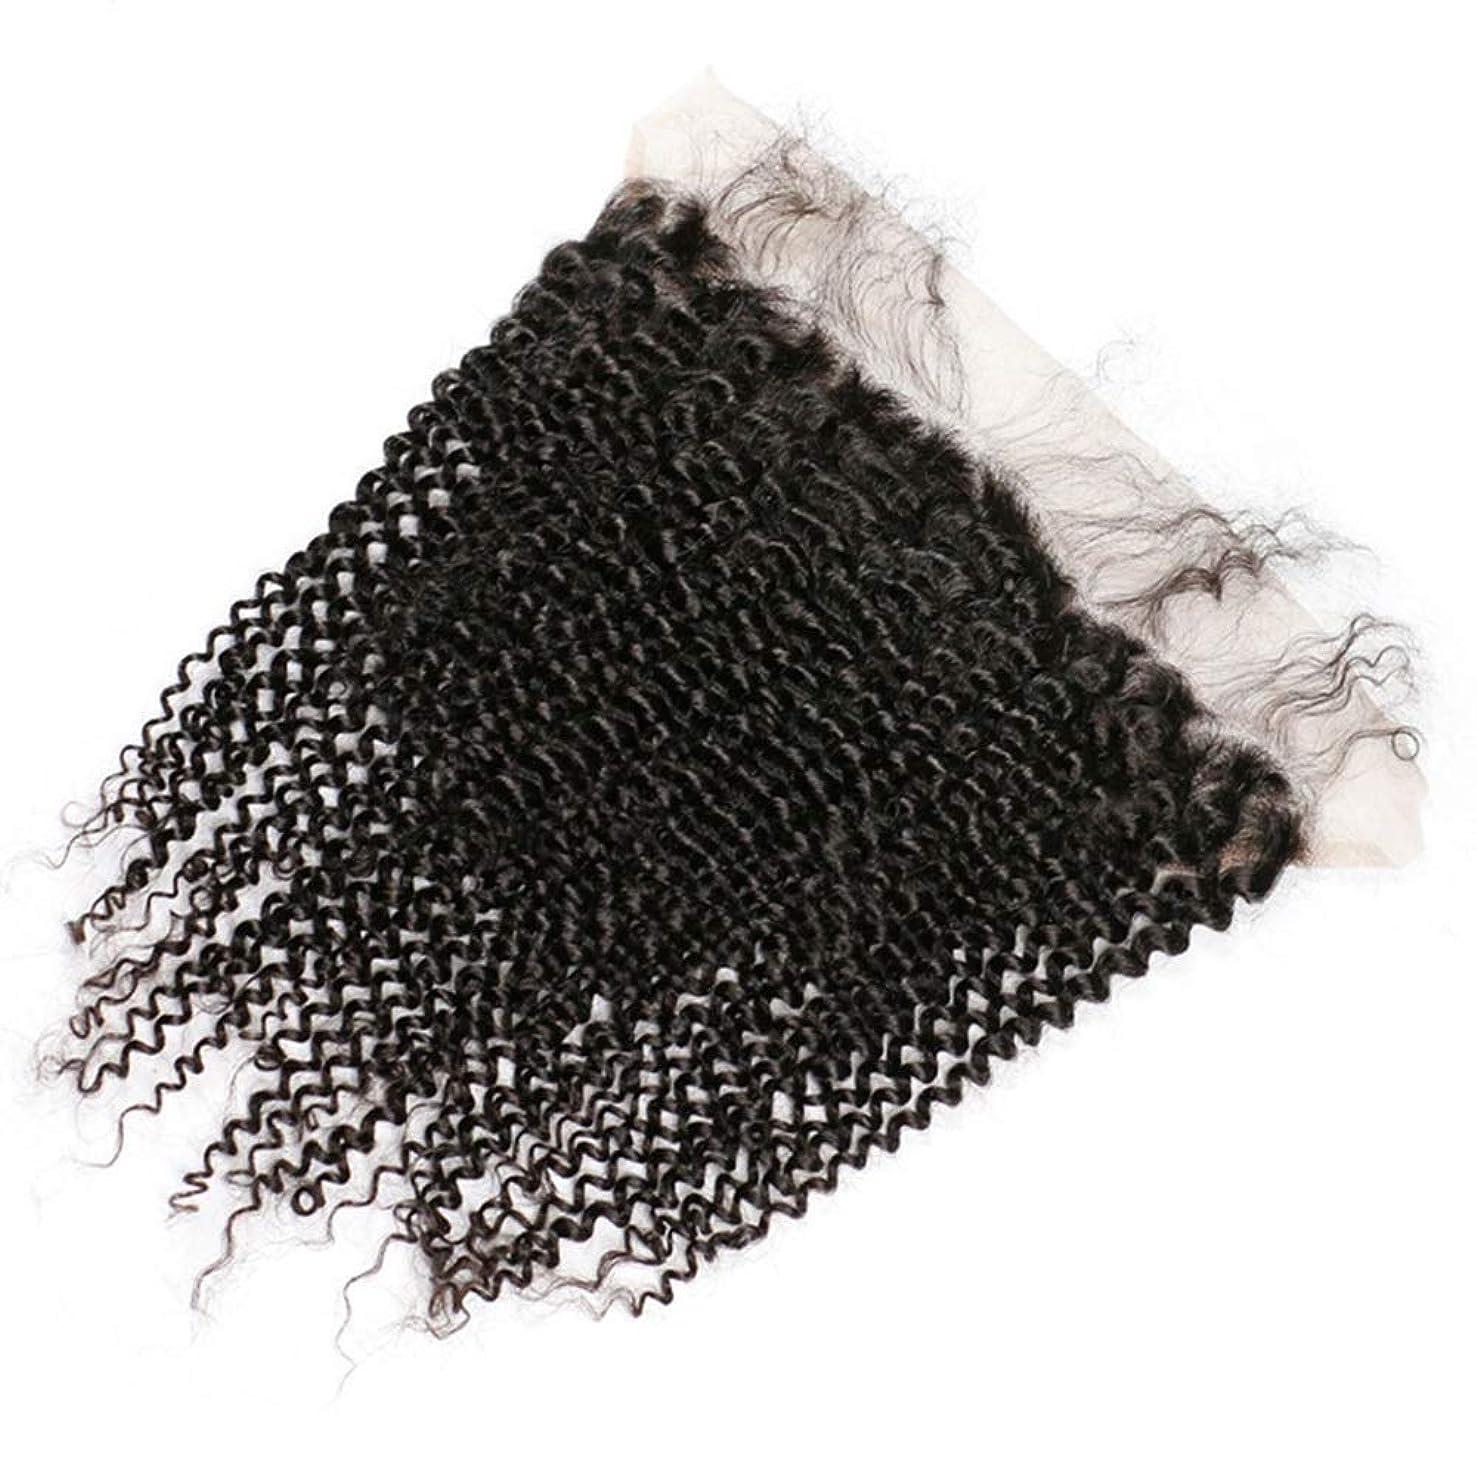 成り立つきょうだいサイズYrattary シルキーロングペルーカール人間の髪の毛の束バンドル13インチx 4インチレース前頭閉鎖ヘアエクステンション複合ヘアレースかつらロールプレイングウィッグロング&ショート女性自然 (色 : 黒, サイズ : 14 inch)